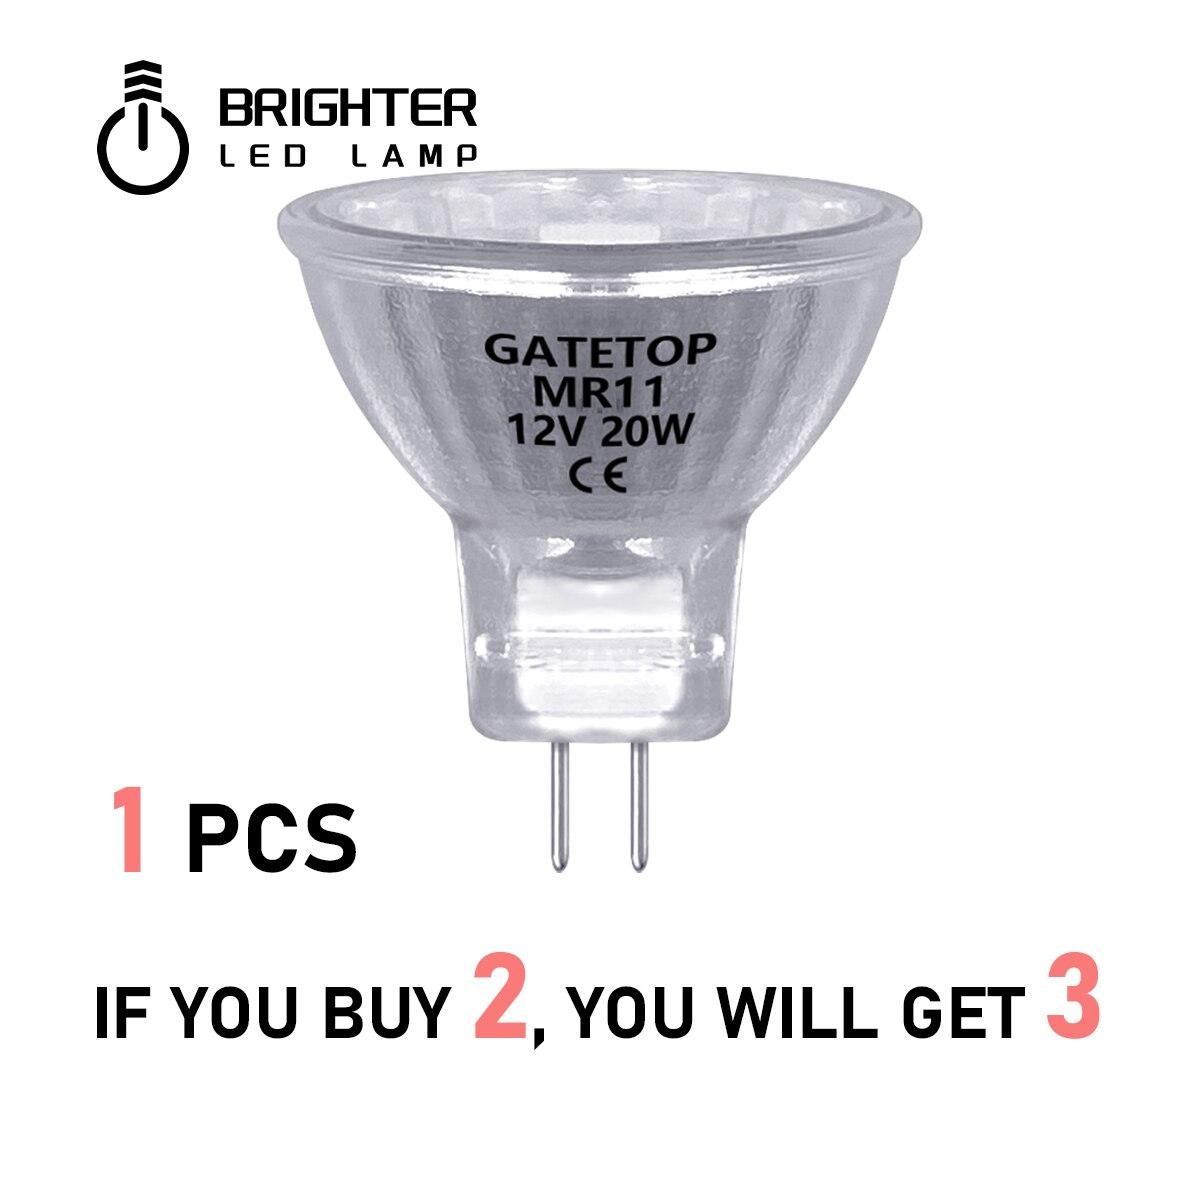 (Купи 2 ПОЛУЧИ 1 бесплатно) галогенная лампа для прожектора Mr11 20 Вт Ac/dc 12 в 1 шт. энергосберегающая лампа Gu4 горячего размера купи 2 и получи 1 бес...